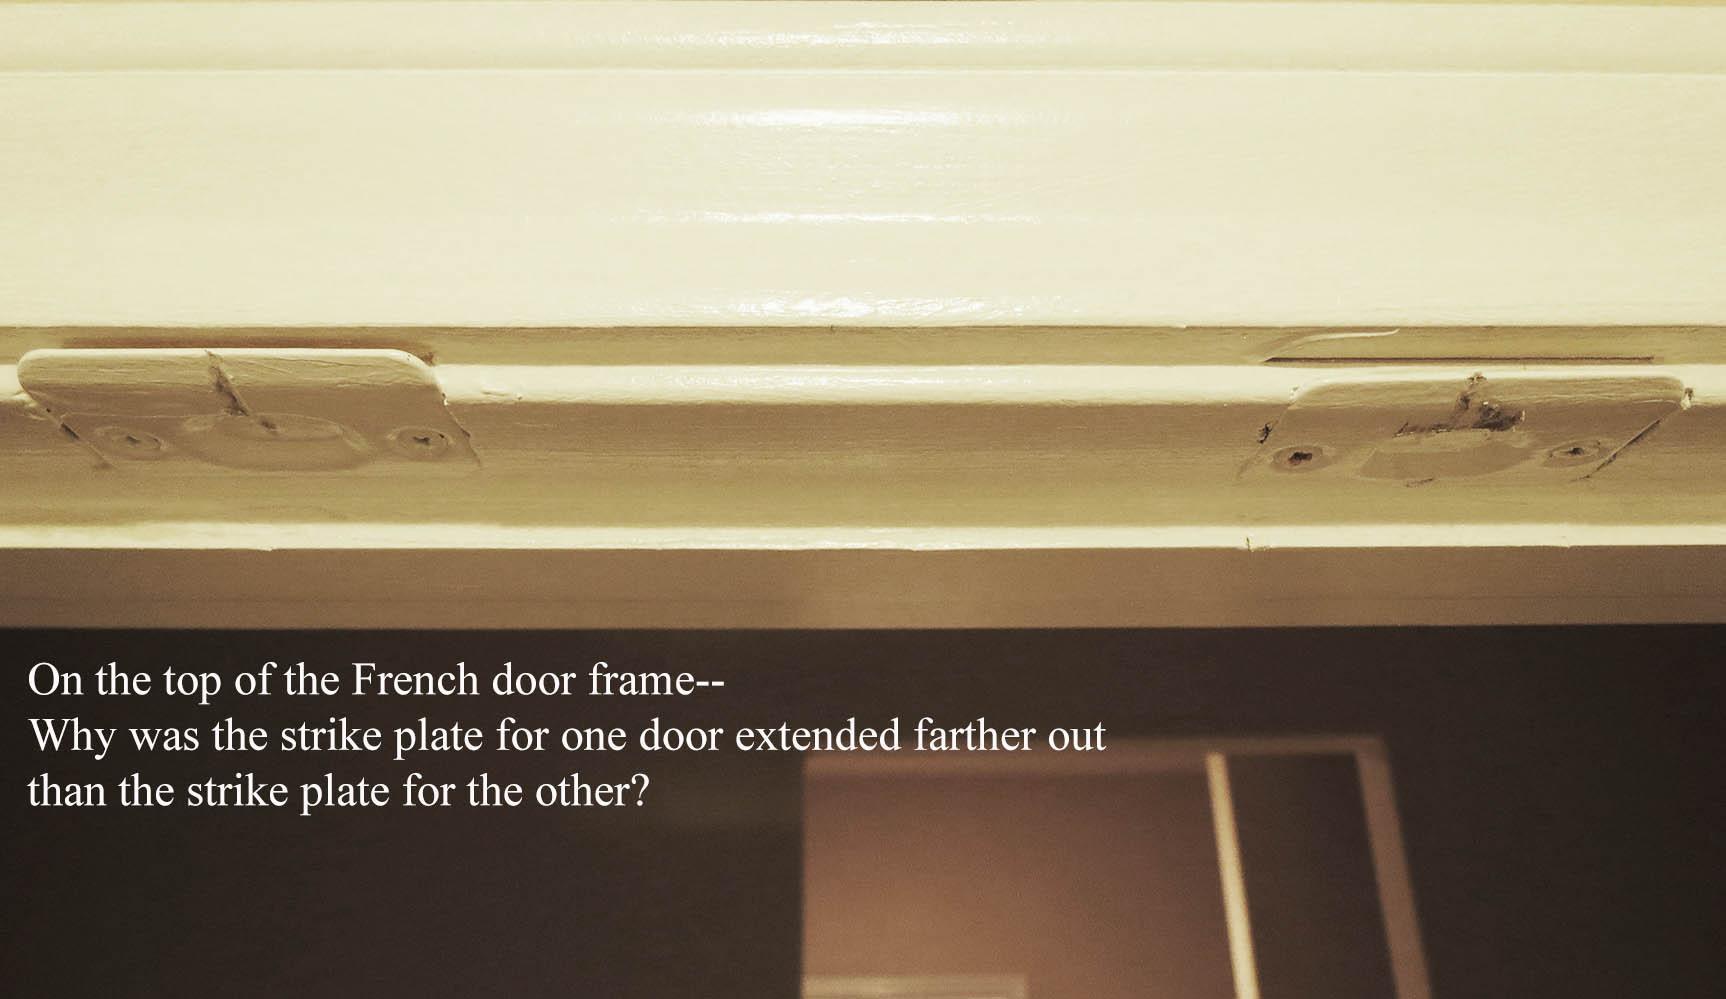 Top of French door frame